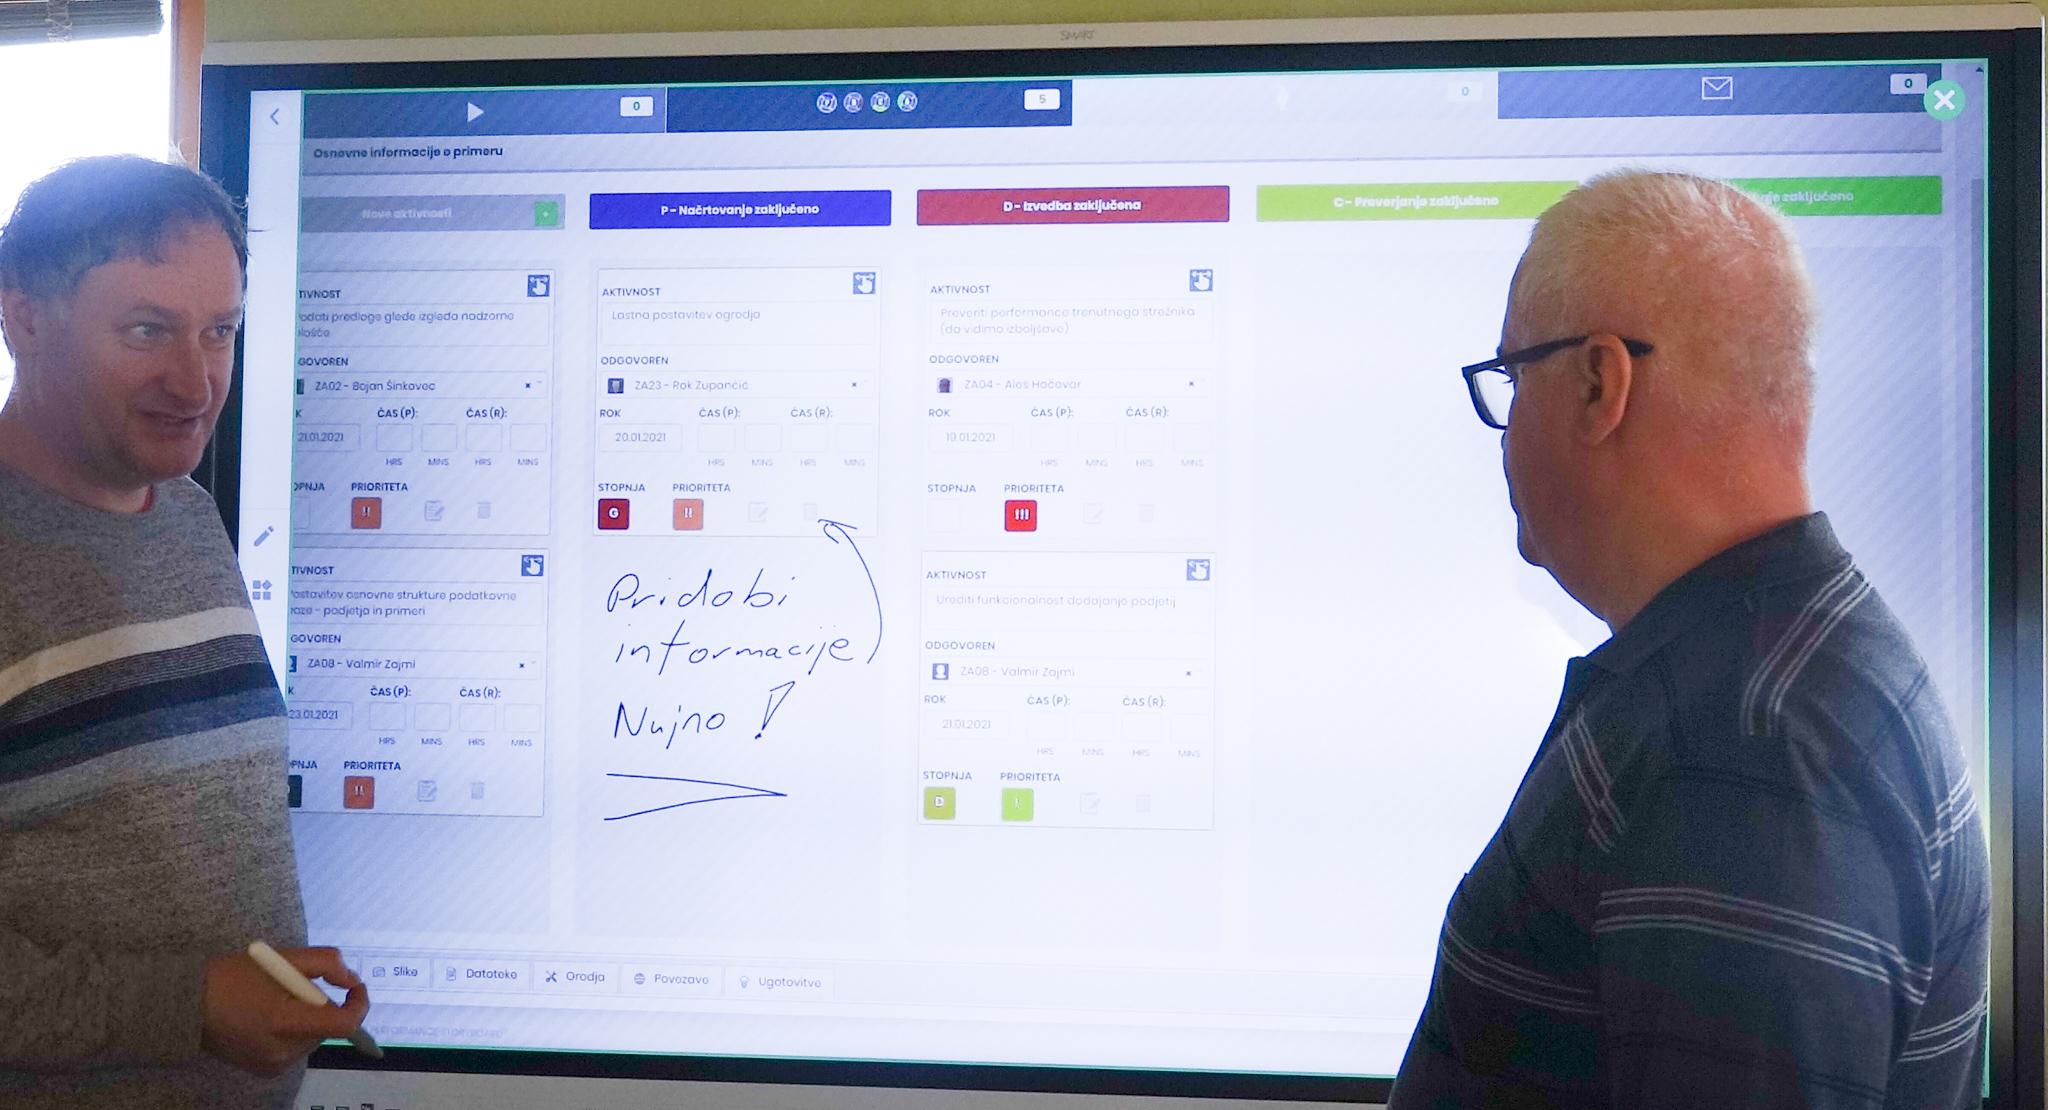 Vodenje aktivnosti na sodoben – digitalen način z orodjem SAM - Small Activity Management